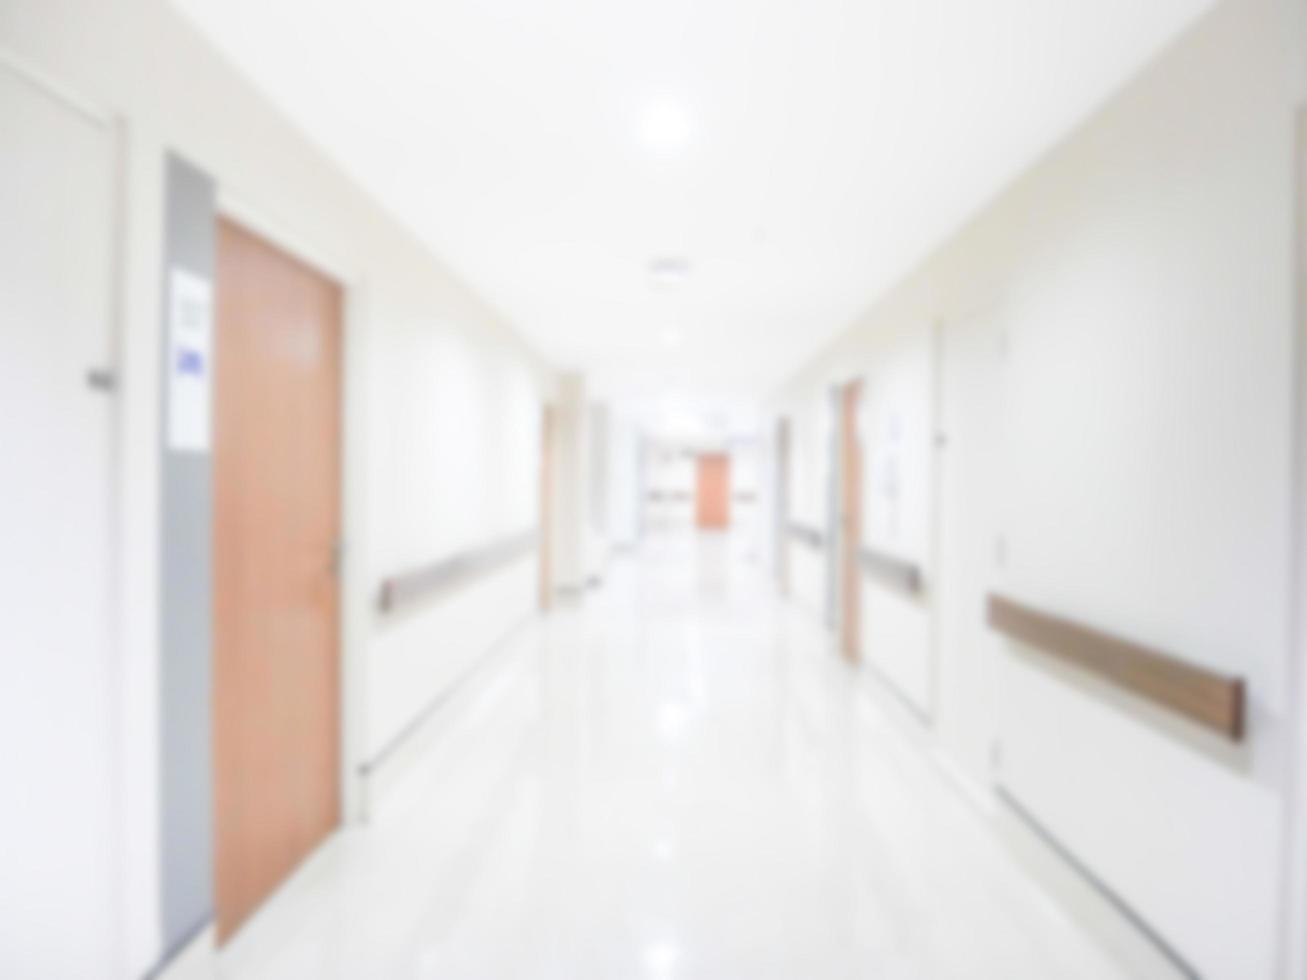 abstract vervagen gang van het ziekenhuis, wazig beeld achtergrond van gang in ziekenhuis foto